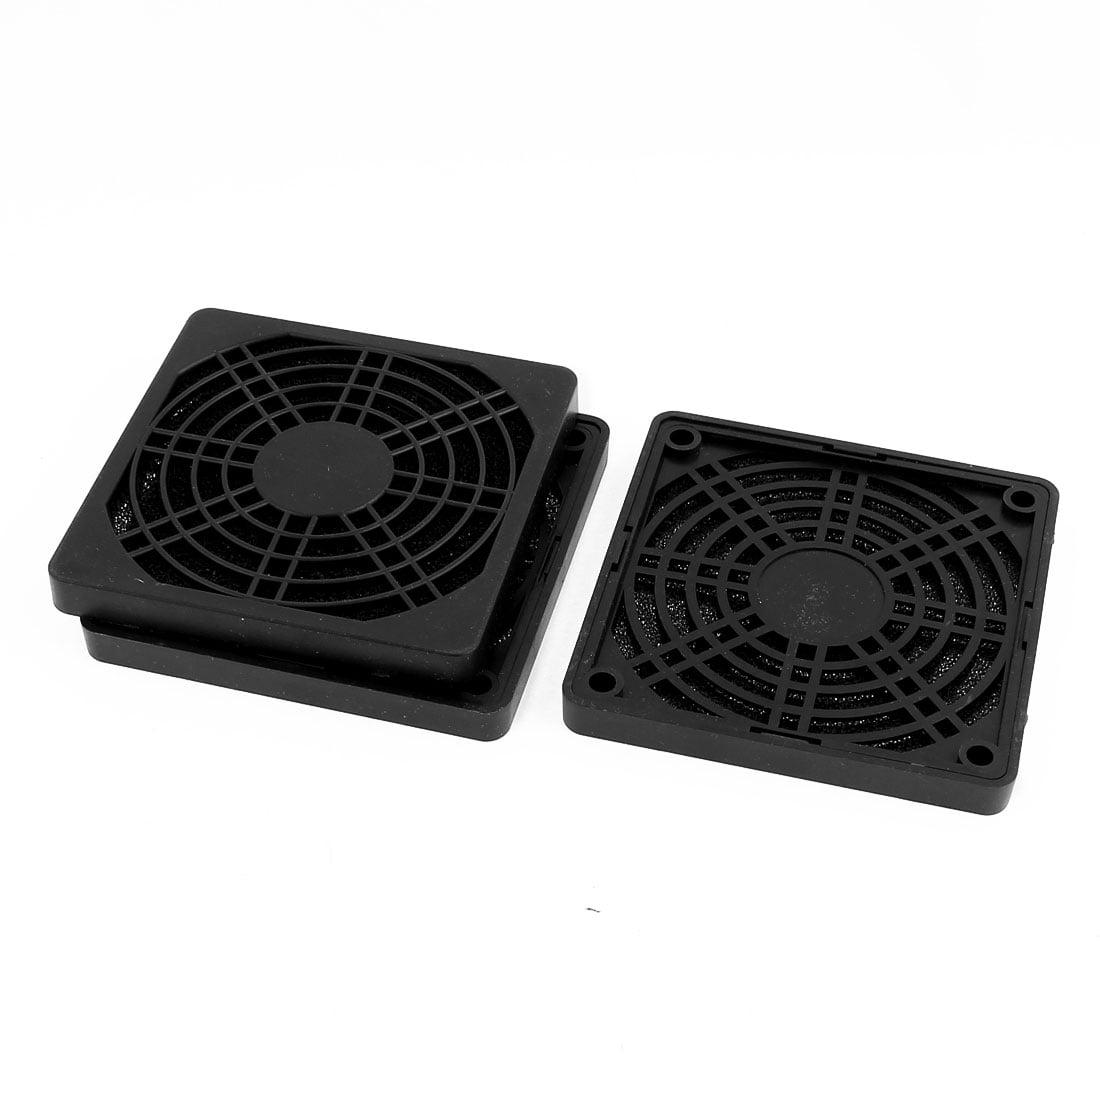 3pcs 86mm x 86mm Dustproof Case PC Computer Case Fan Dust Filter